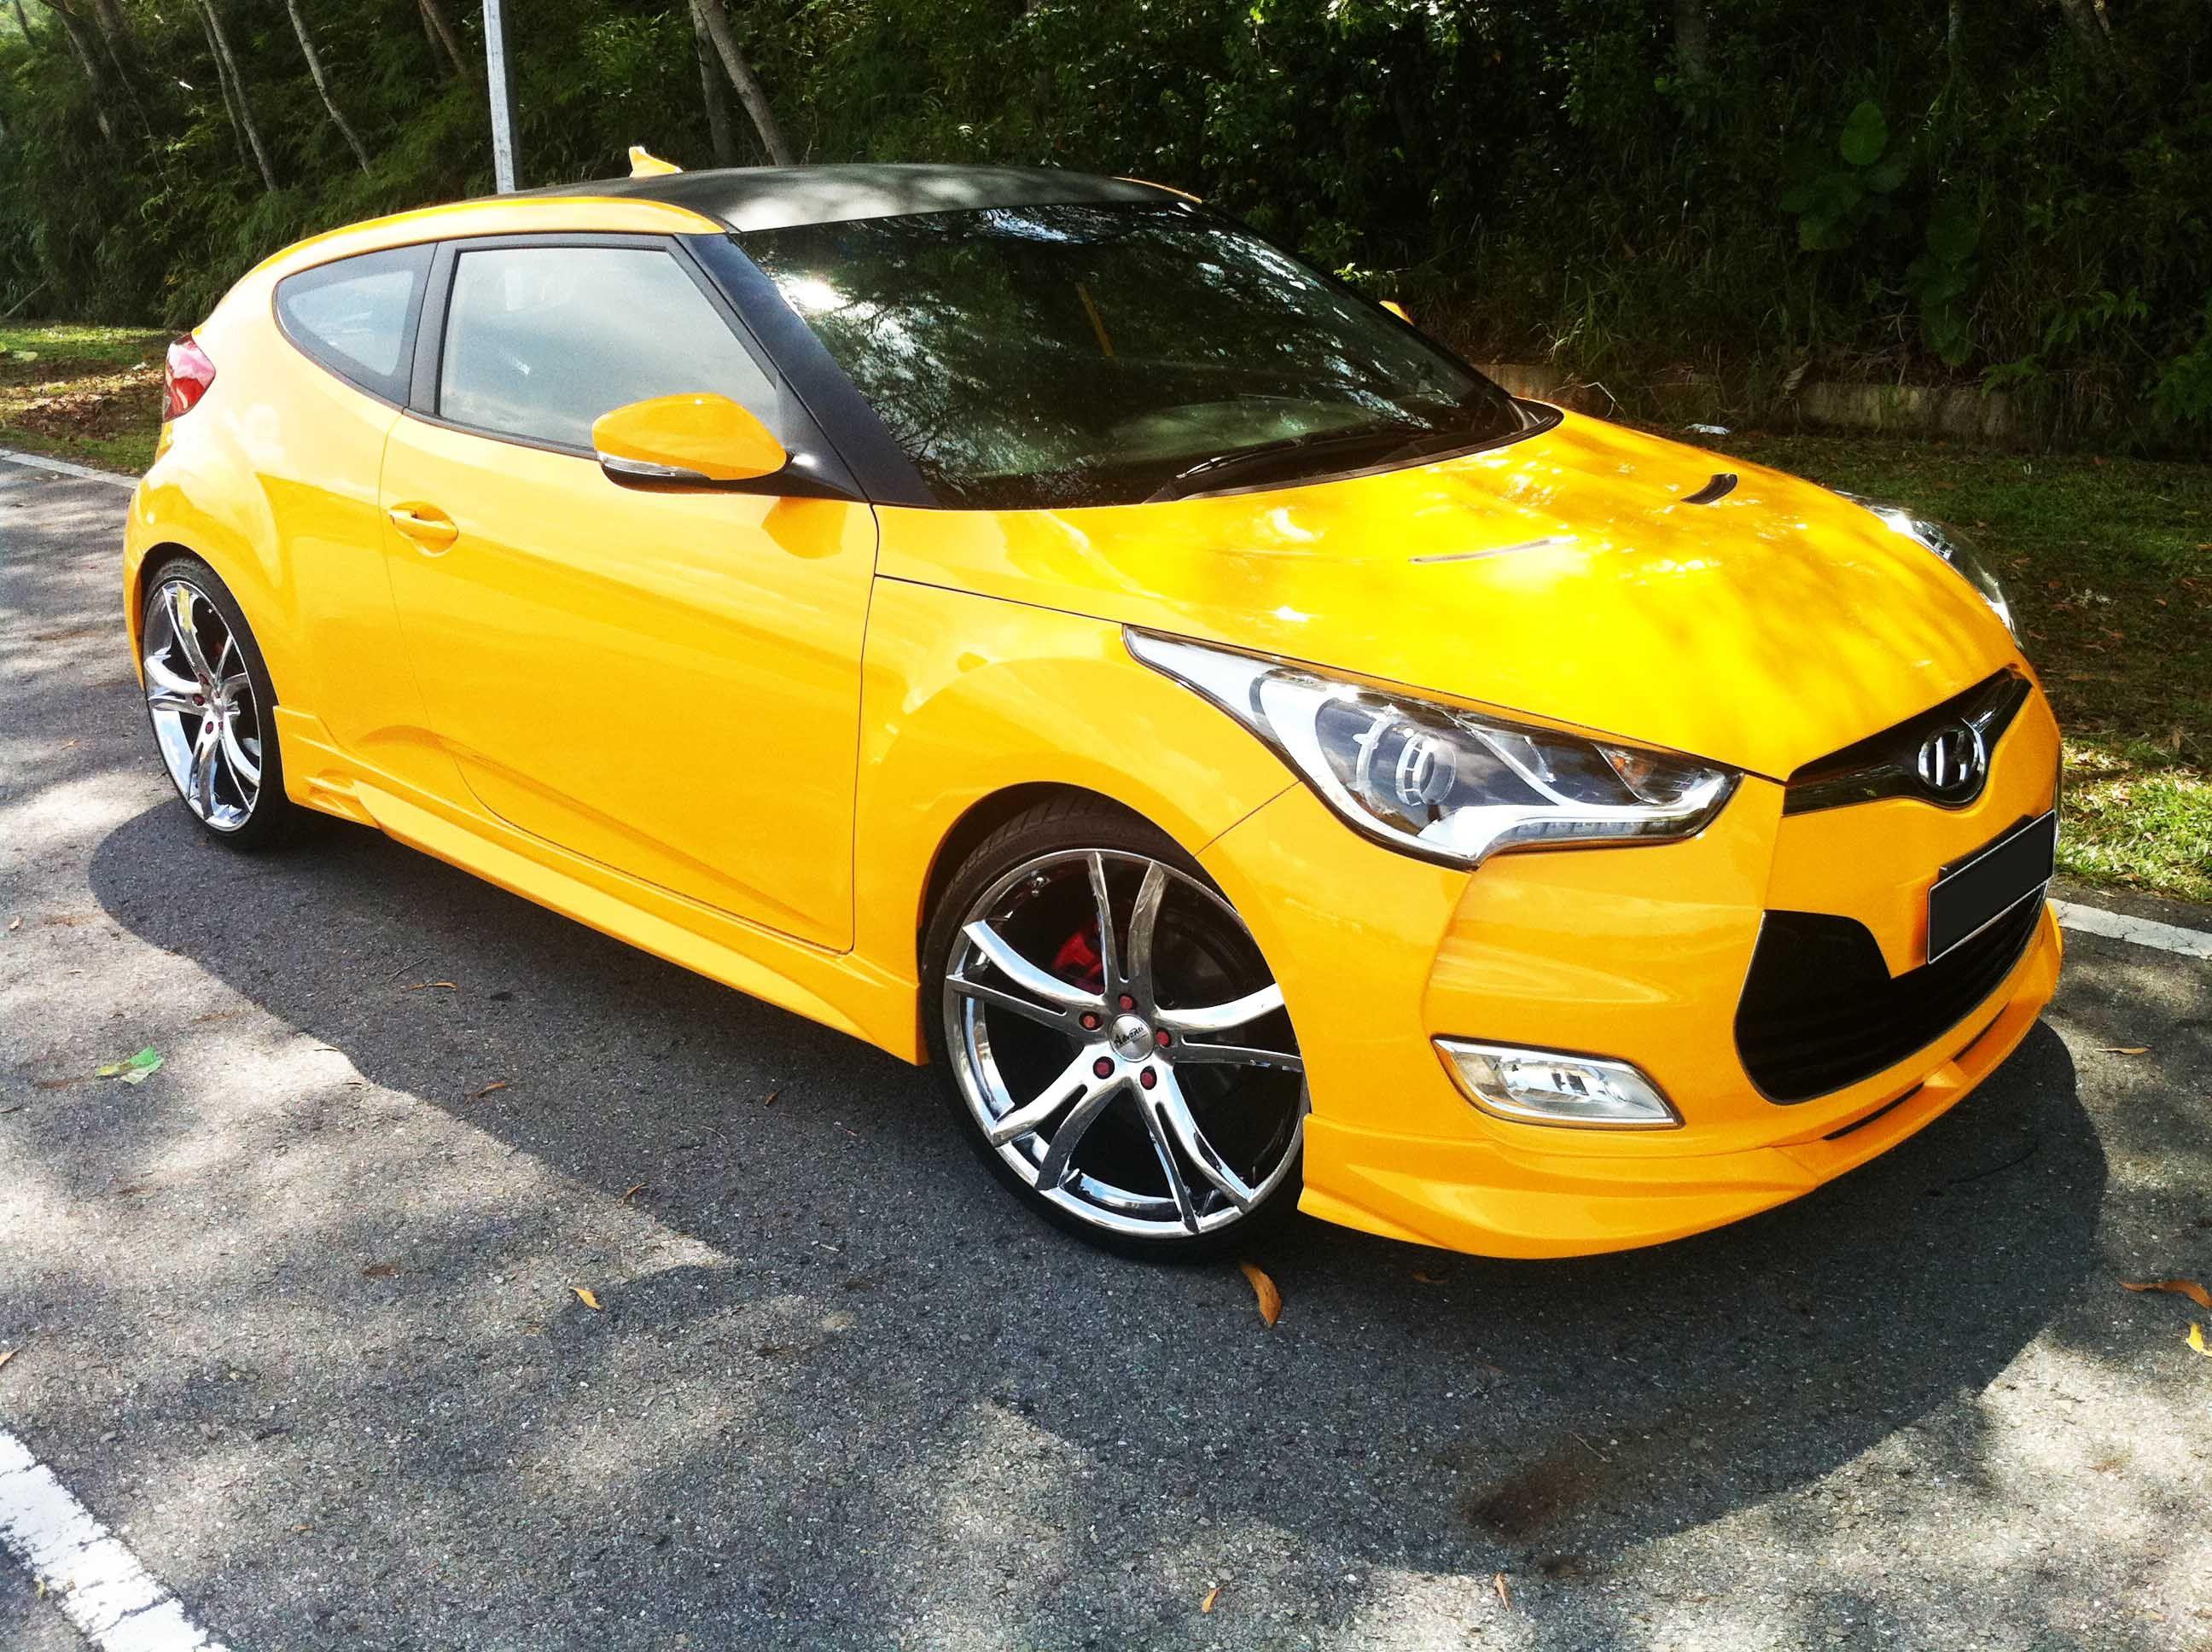 Yellow Hyundai Veloster 138 hp | Yellow Hyundai | Pinterest ...